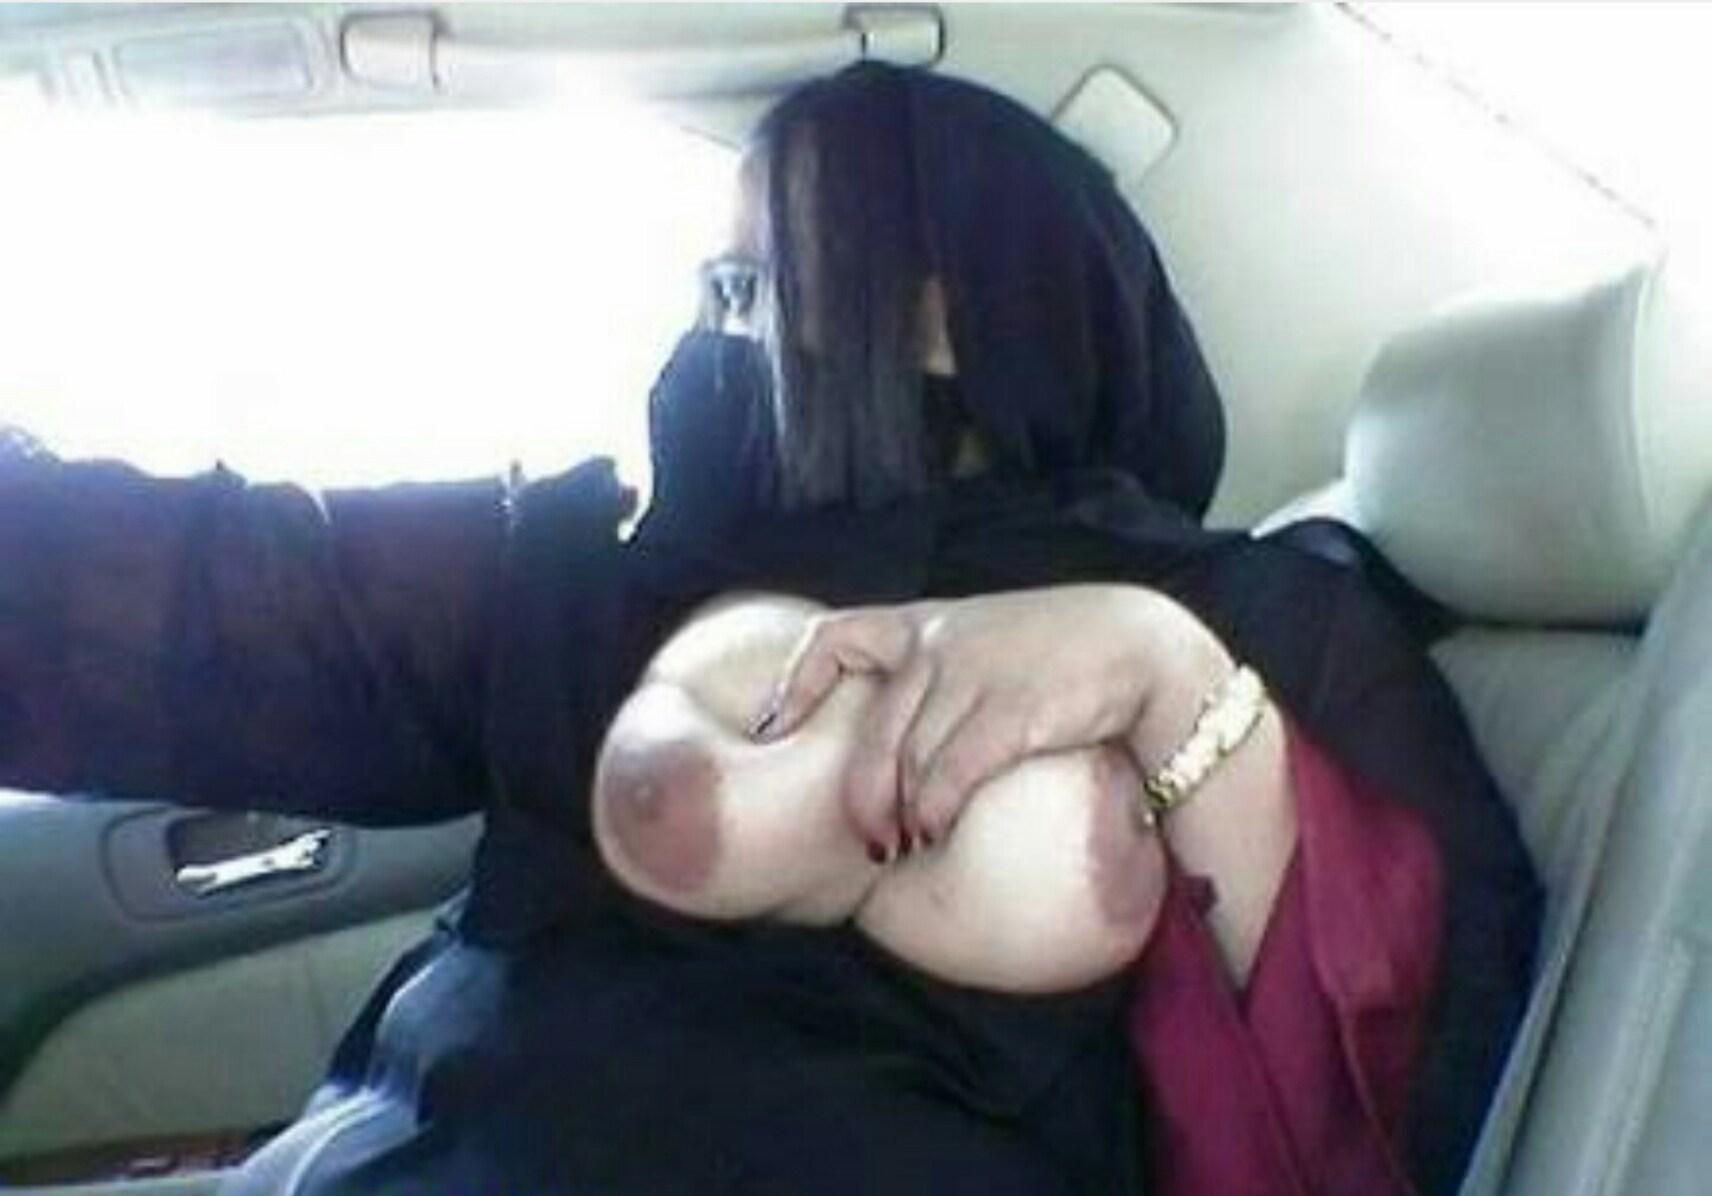 【勃起不可避】普段顔を隠しているイスラムまんさん、SNSでオカズをご提供wwwwww・33枚目